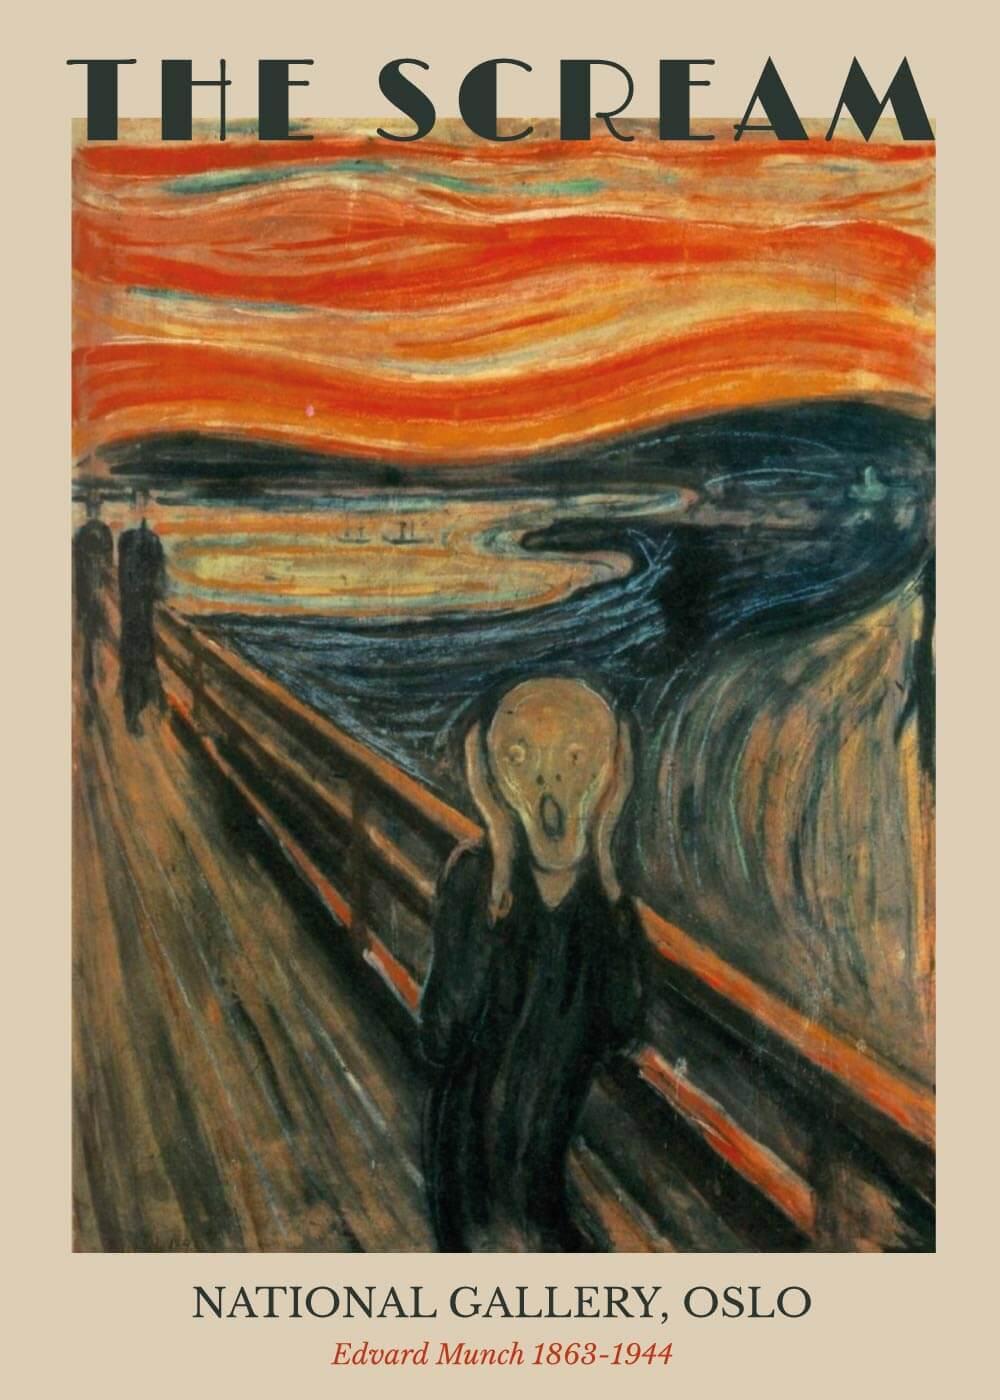 Billede af Skriget - Edvard Munch